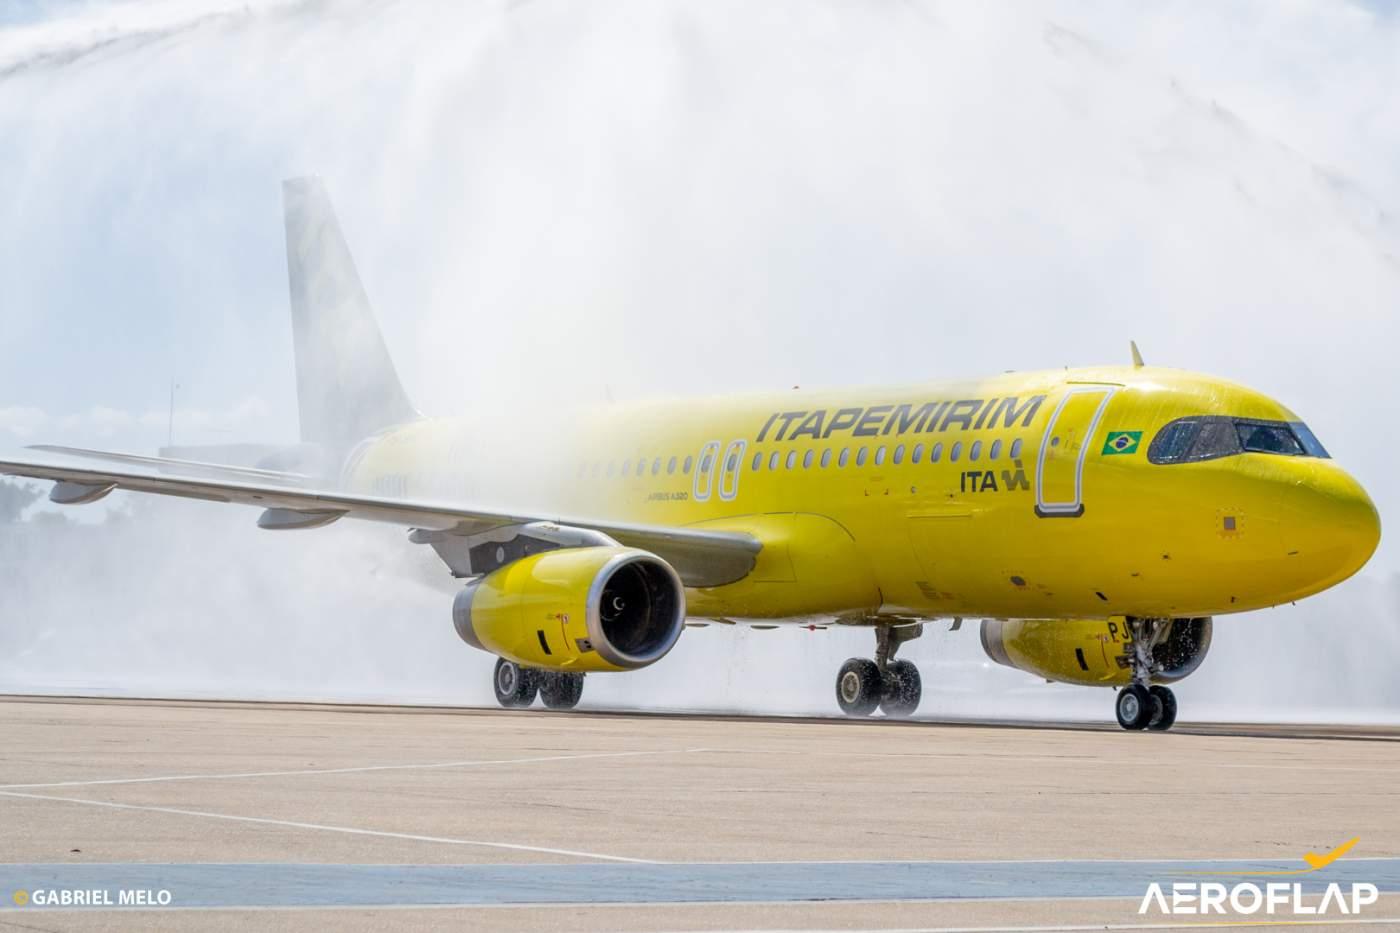 Aeroporto de Brasília ITA Itapemirim